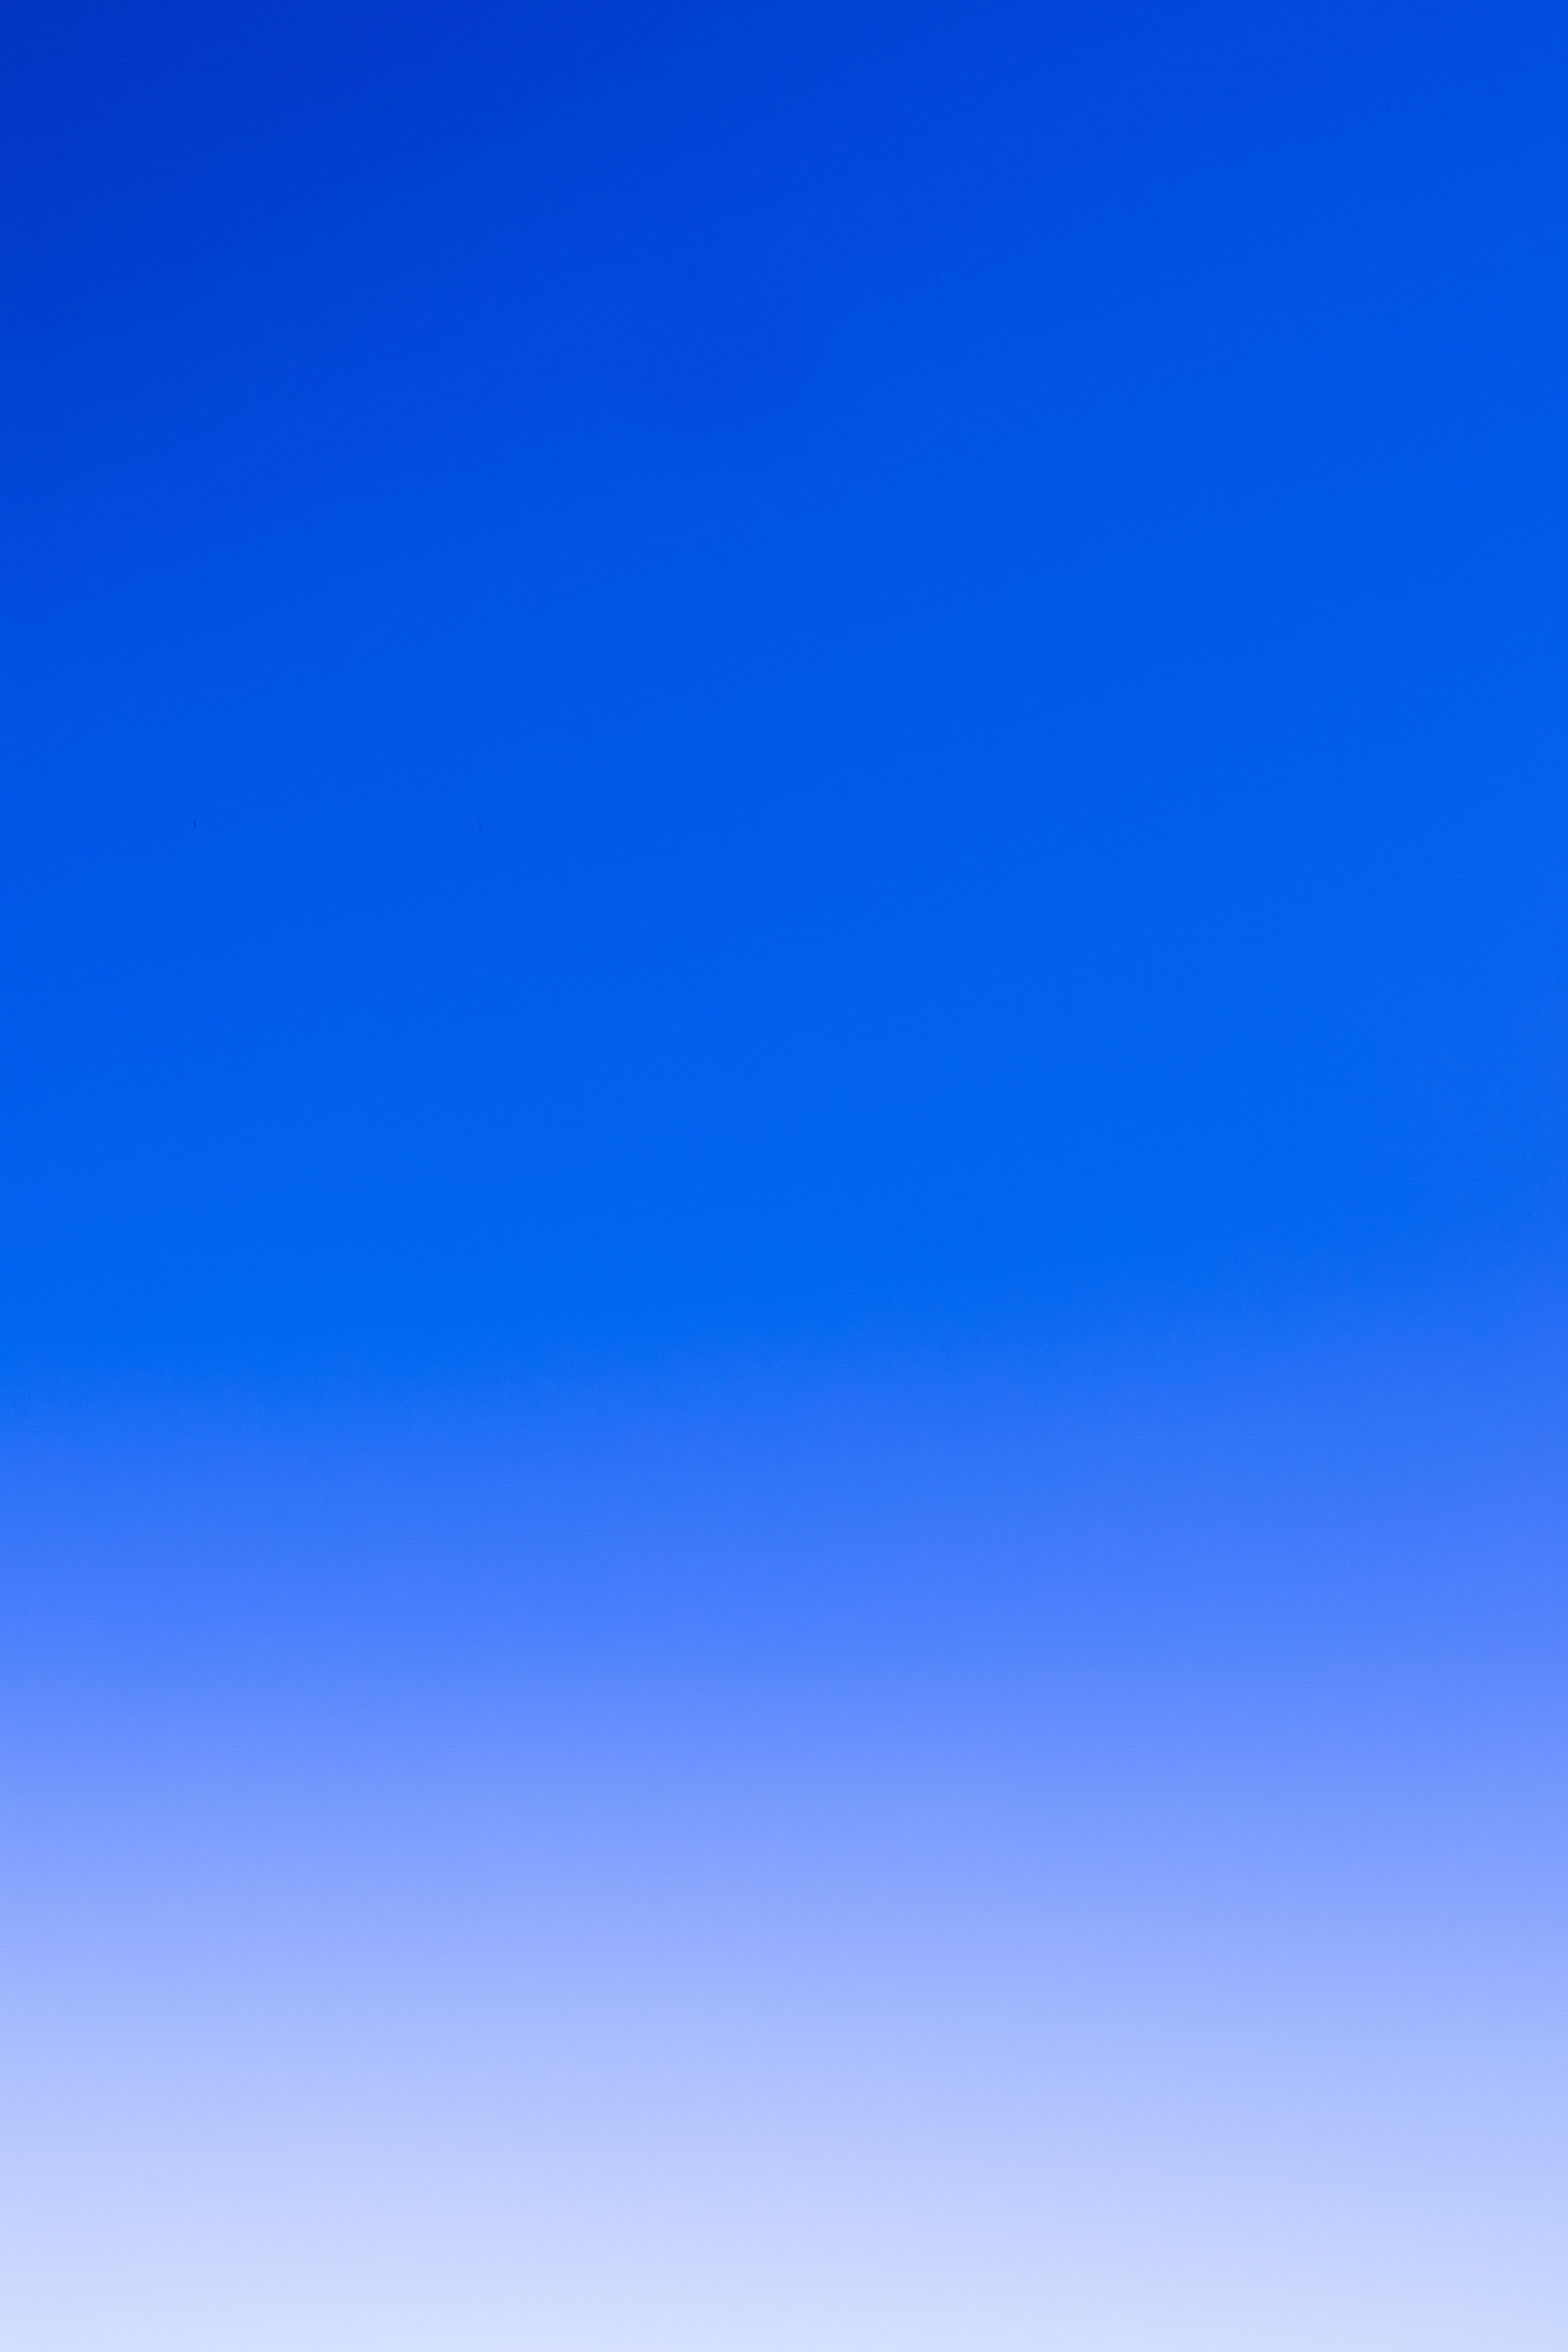 83855 обои 540x960 на телефон бесплатно, скачать картинки Фон, Абстракция, Небо, Голубой, Цвет 540x960 на мобильный